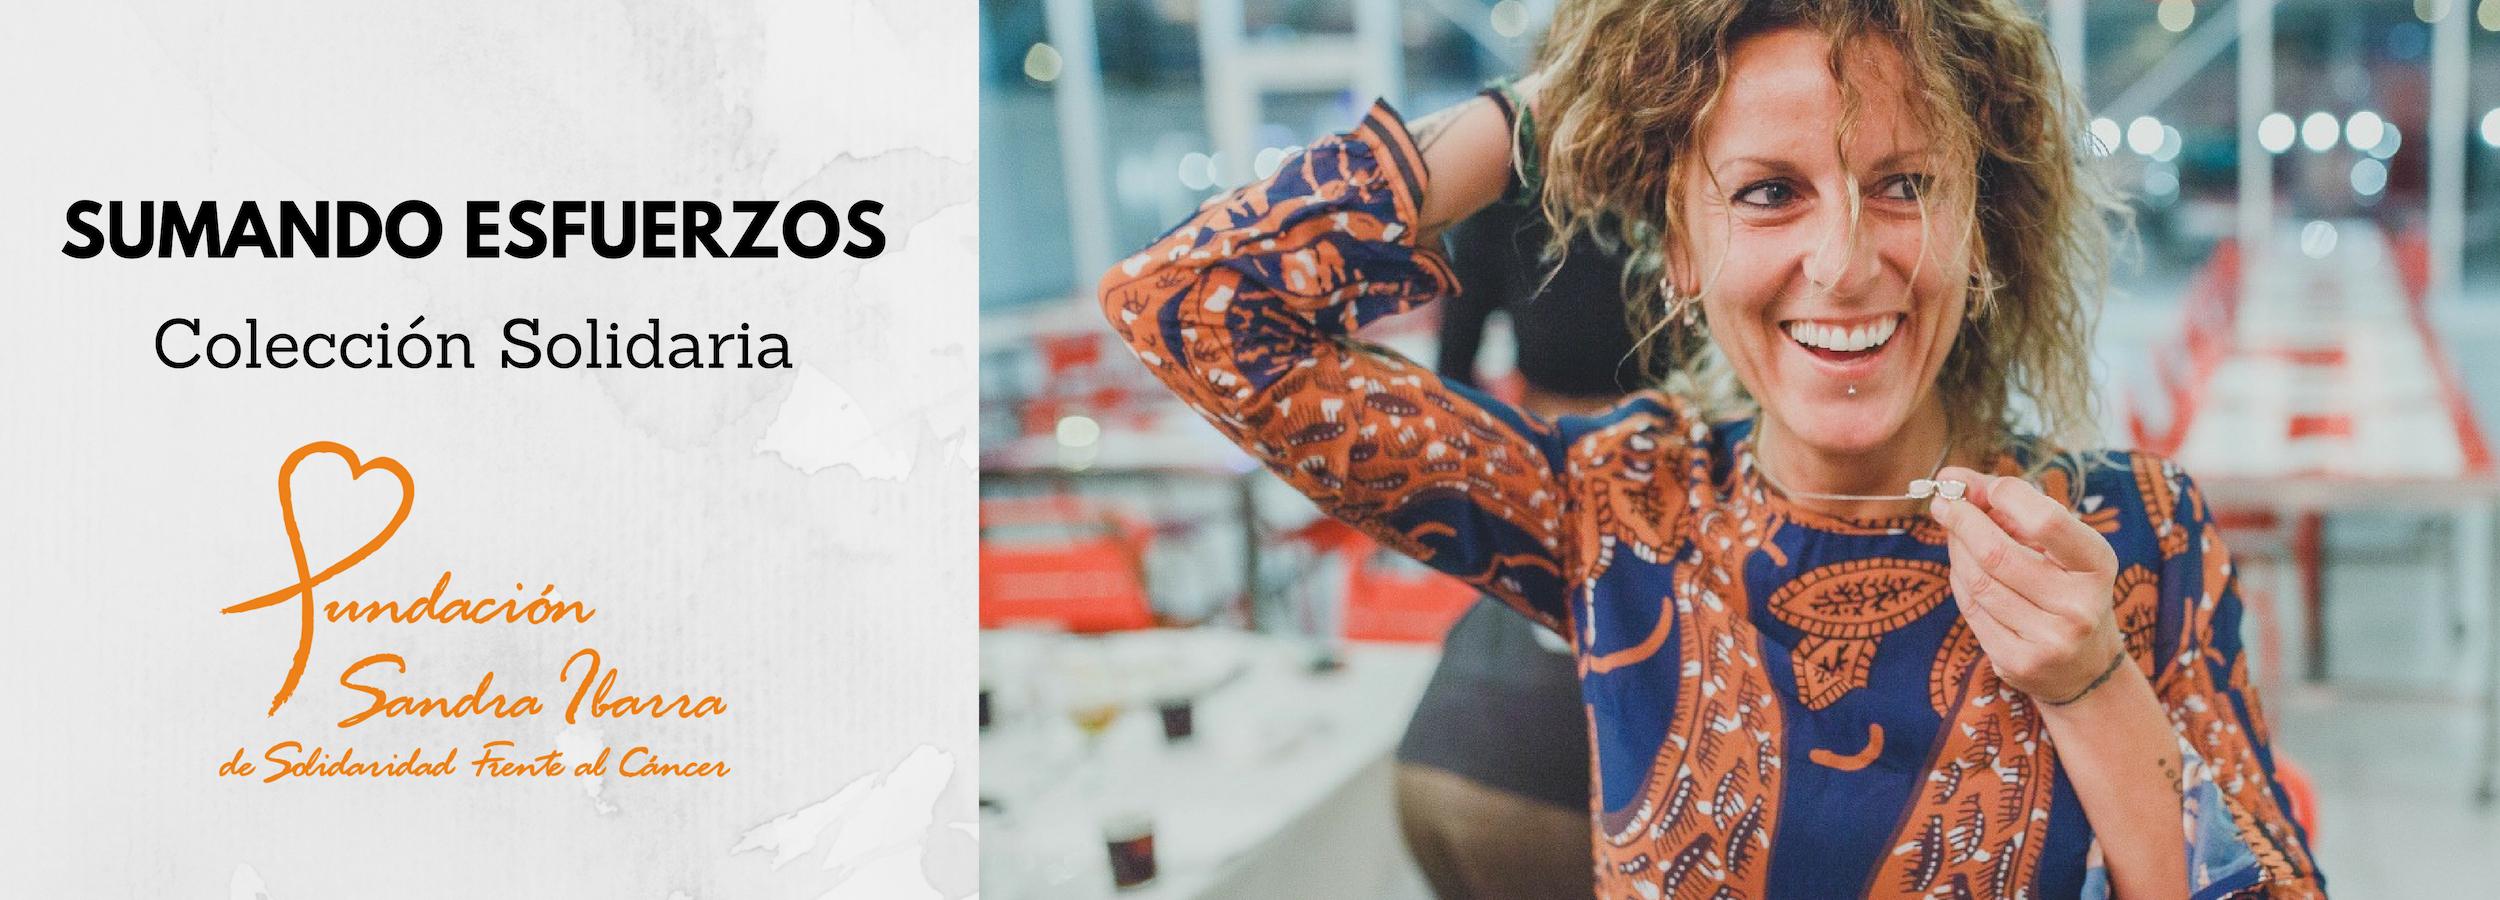 Tienda Online-Colección Solidaria-Sumando Esfuerzos-NEHCAA